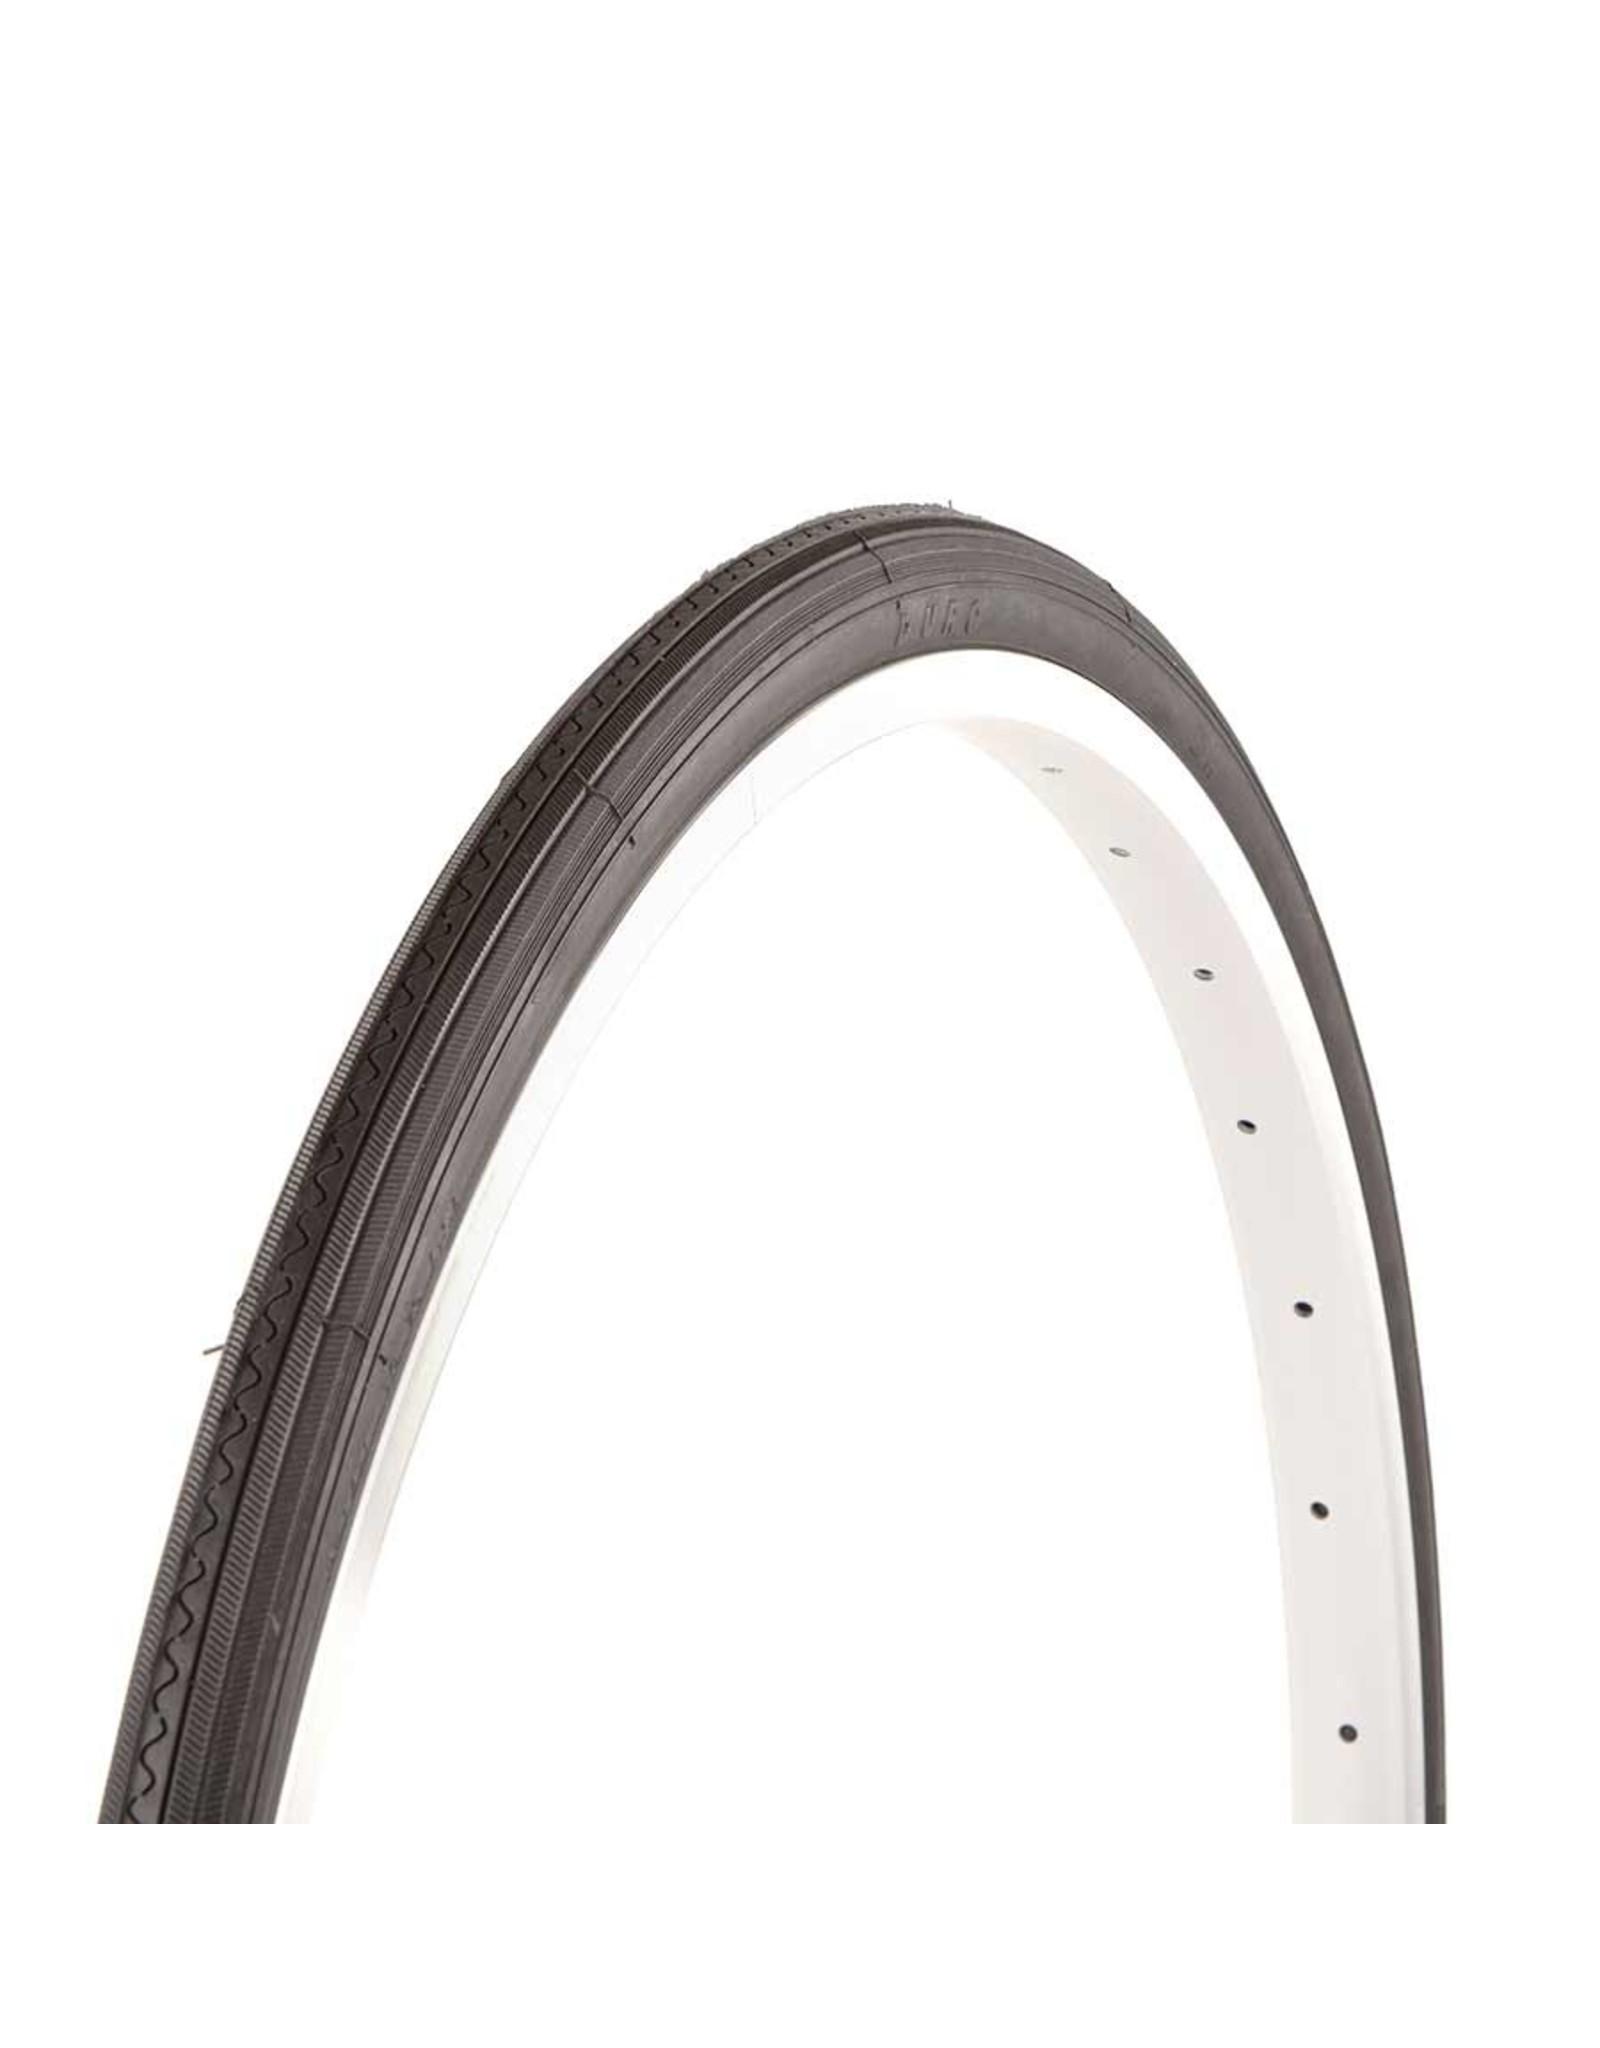 EVO, Dash, Tire, 26''x1-3/8, Wire, Clincher, Black